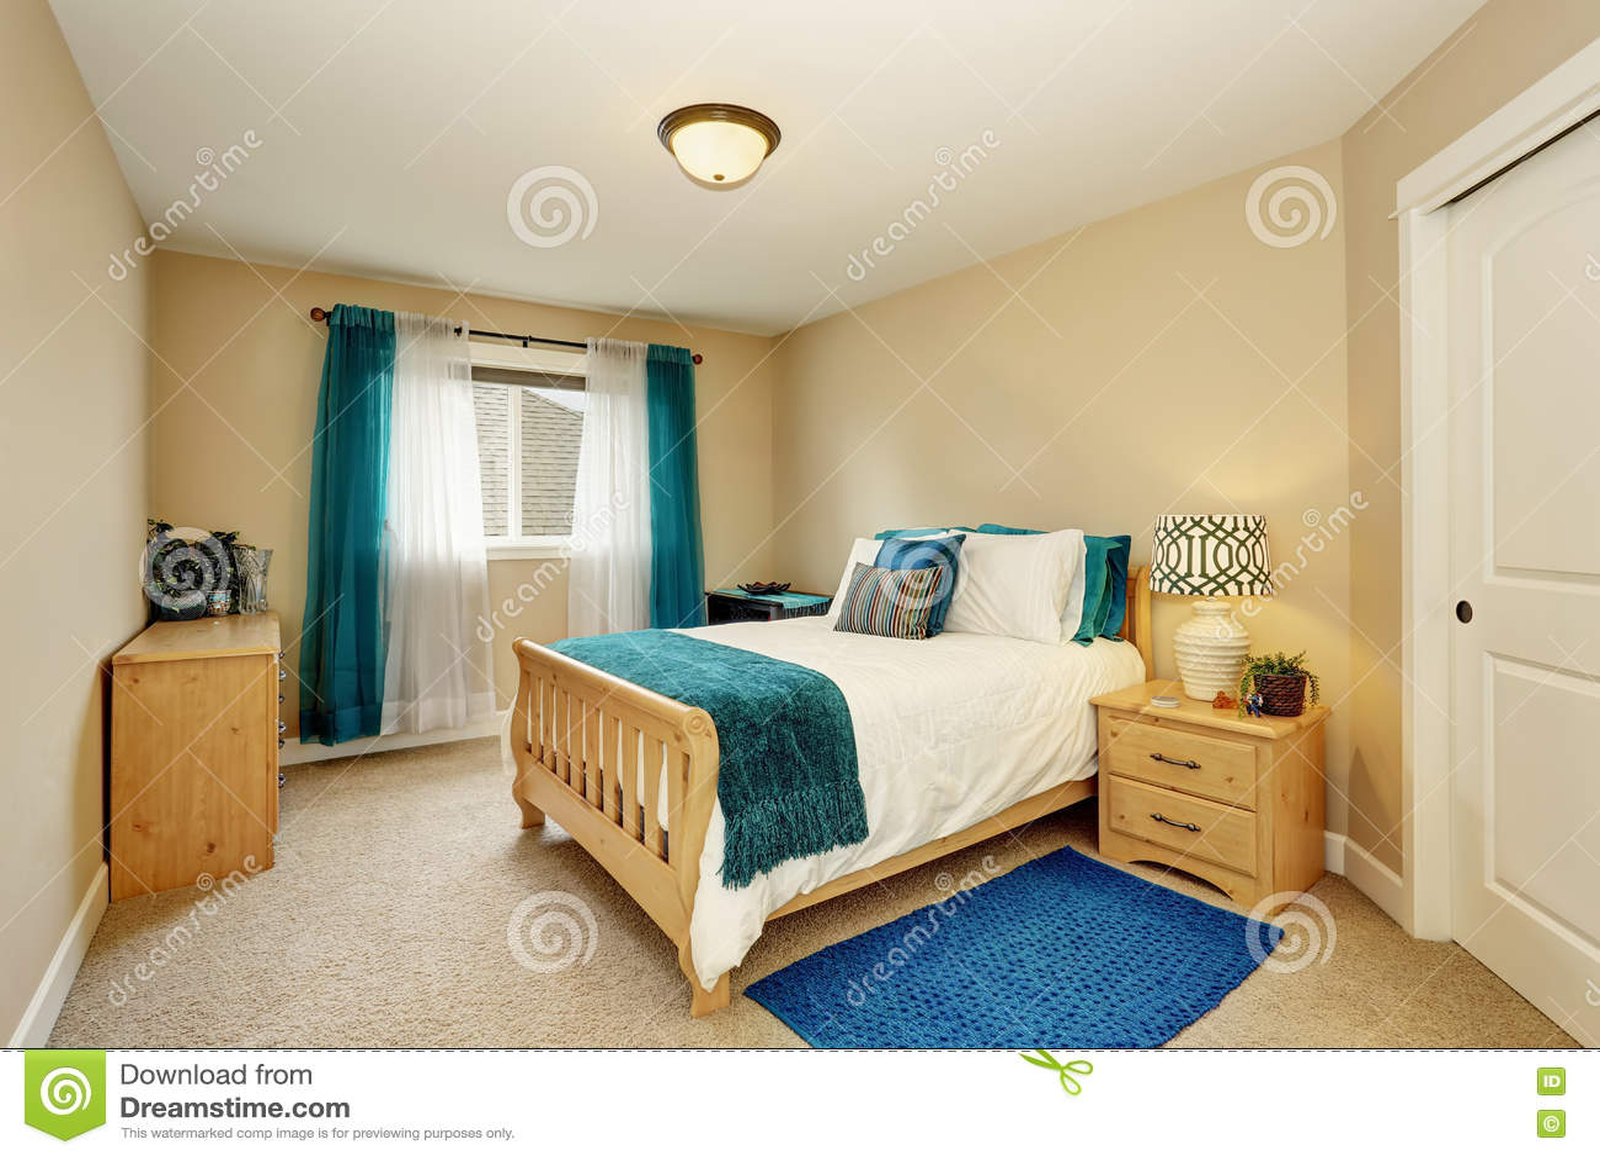 Chambre coucher beige ordonn e avec le rideau en - Rideau chambre a coucher ...